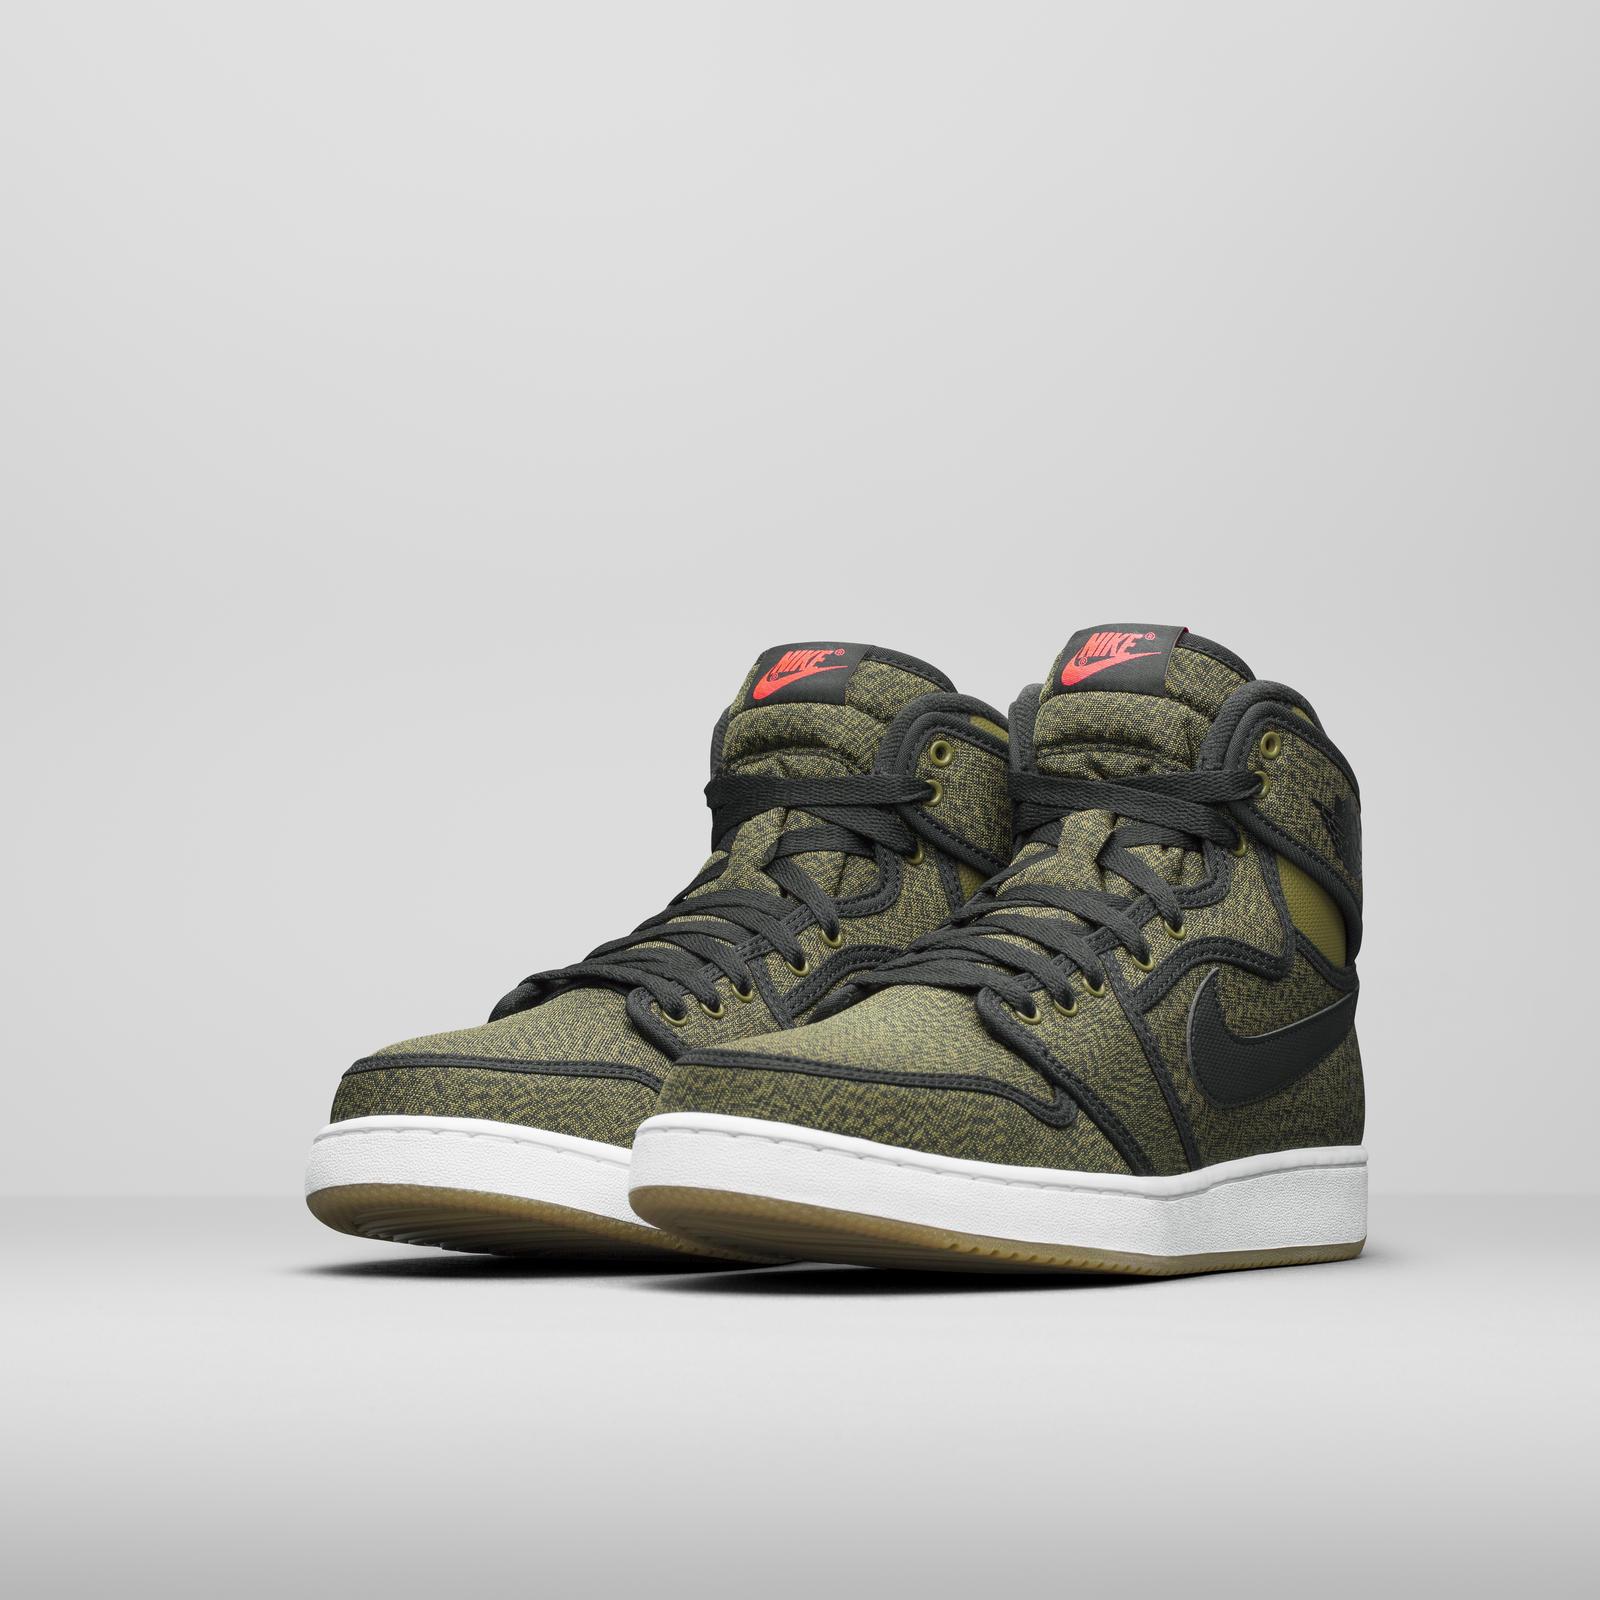 26b60abfaebc The Story Behind the Air Jordan XI IE - Nike News